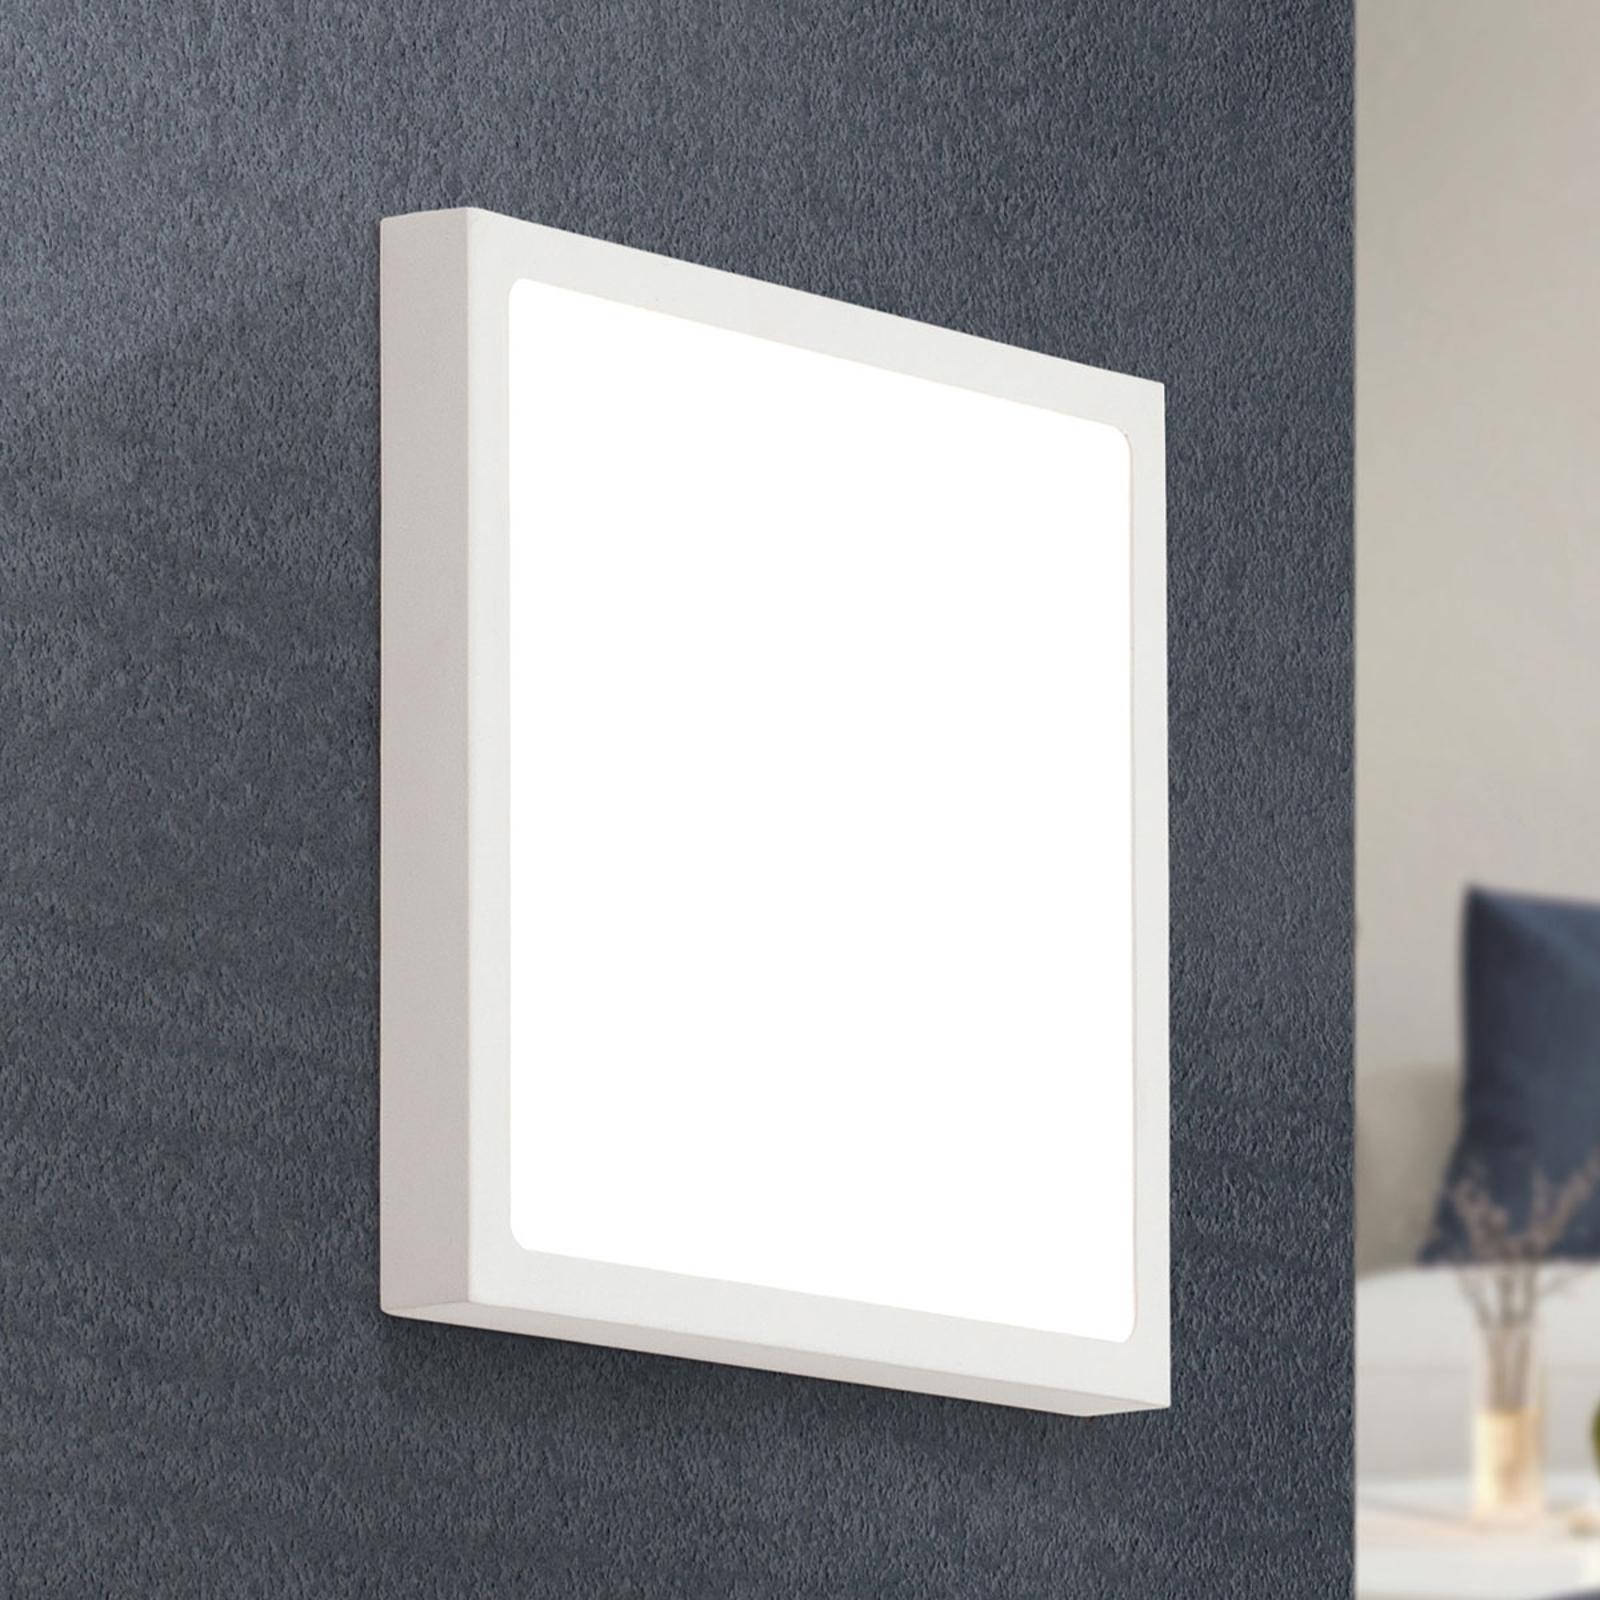 LED-seinävalaisin Vika, valkoinen, 23 x 23 cm